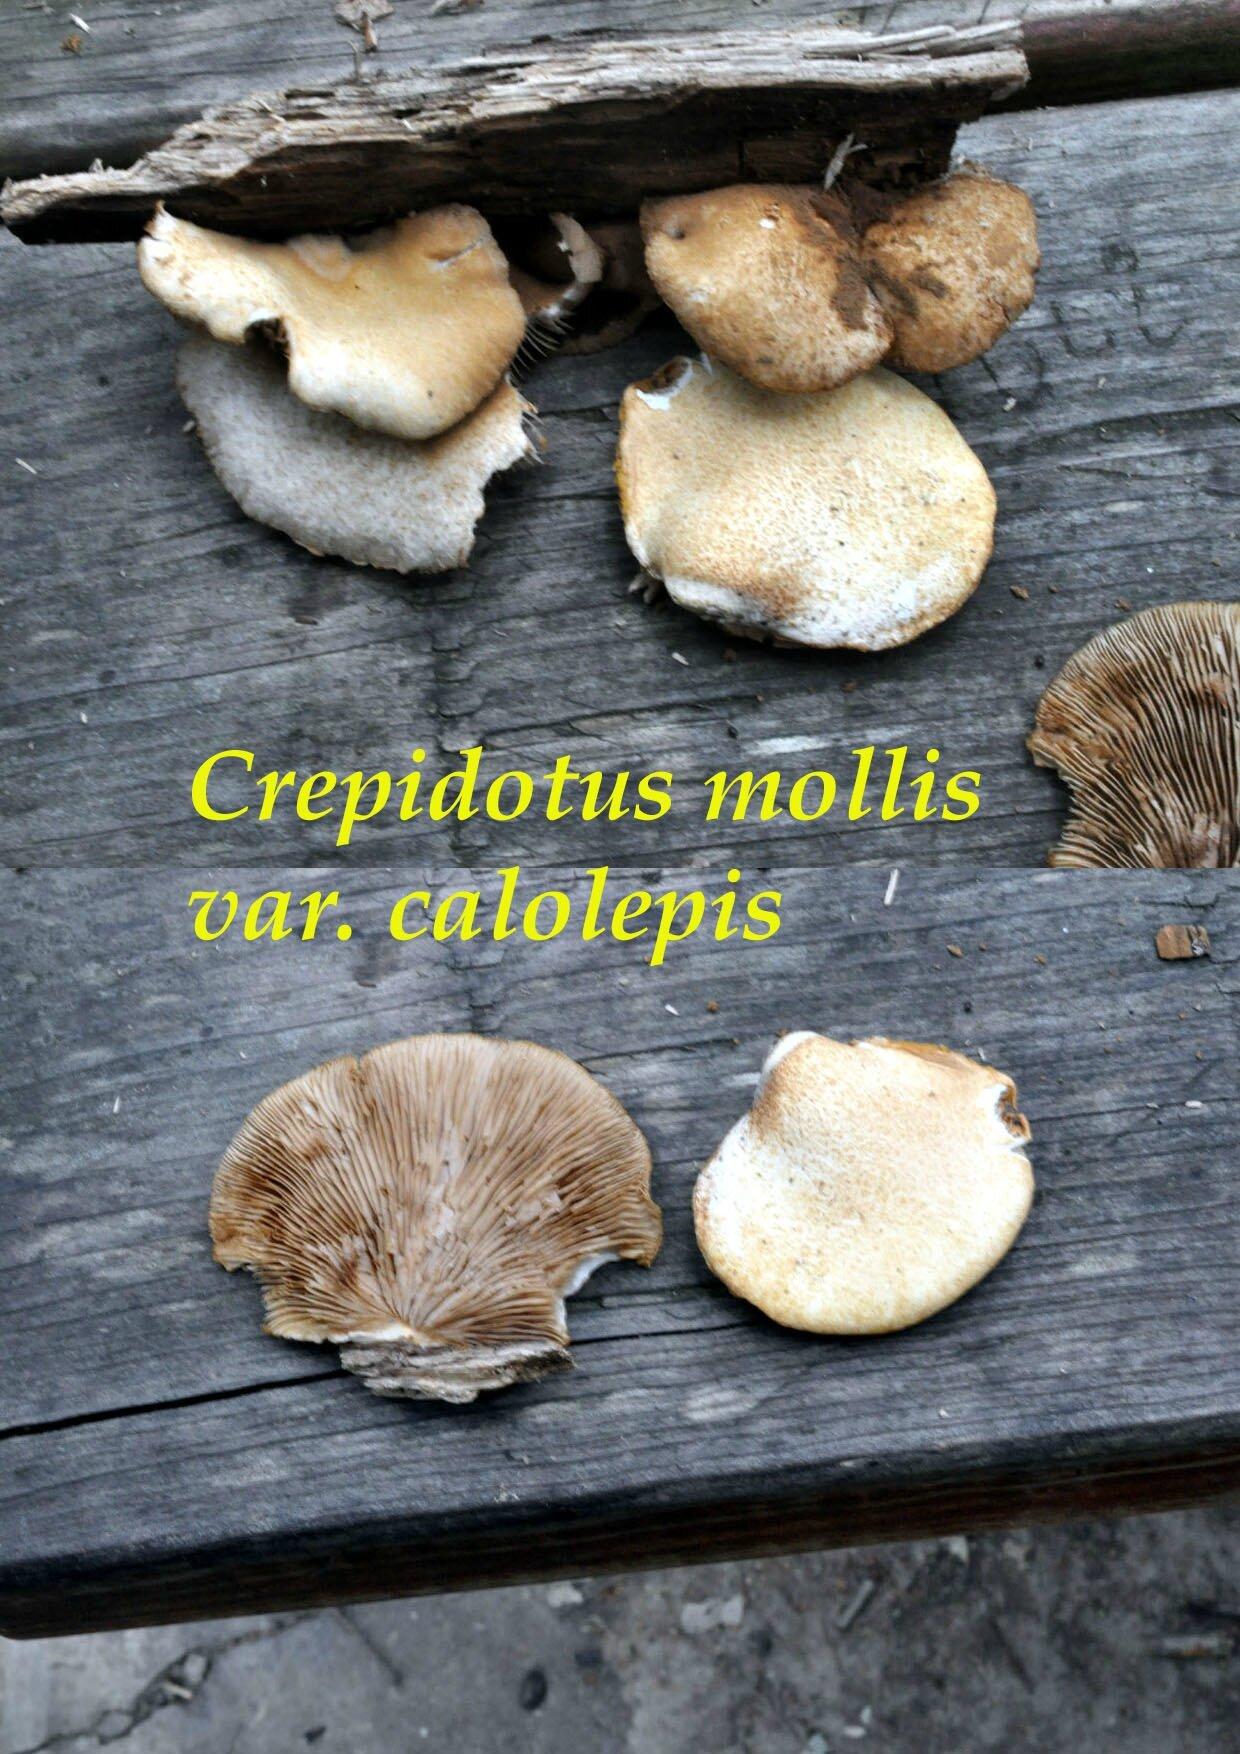 Crepidotus mollis var